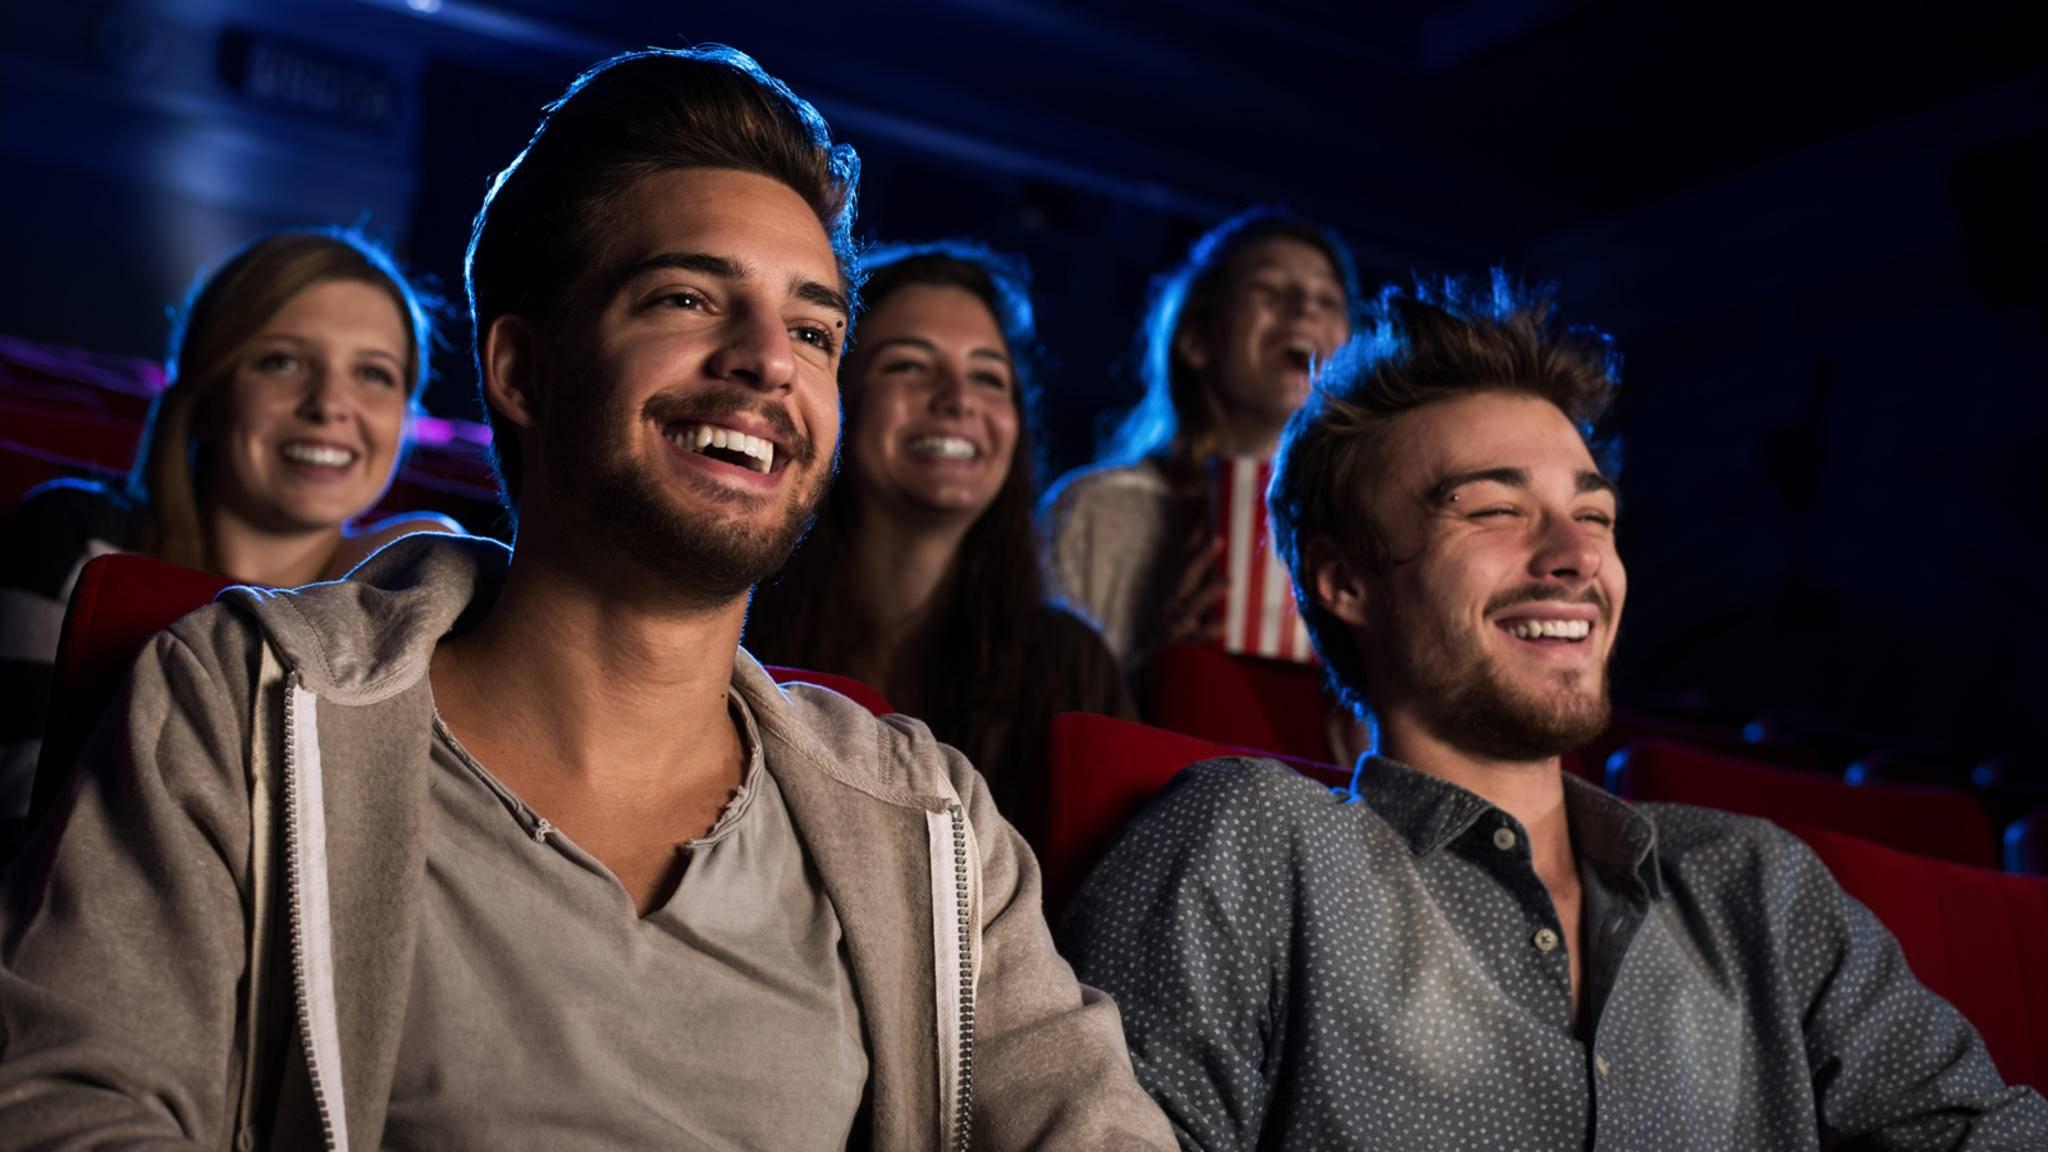 Ein Kinoabend mit Freunden ist immer ein Fest – sofern niemand dazwischenquatscht oder mit Popcorn raschelt!